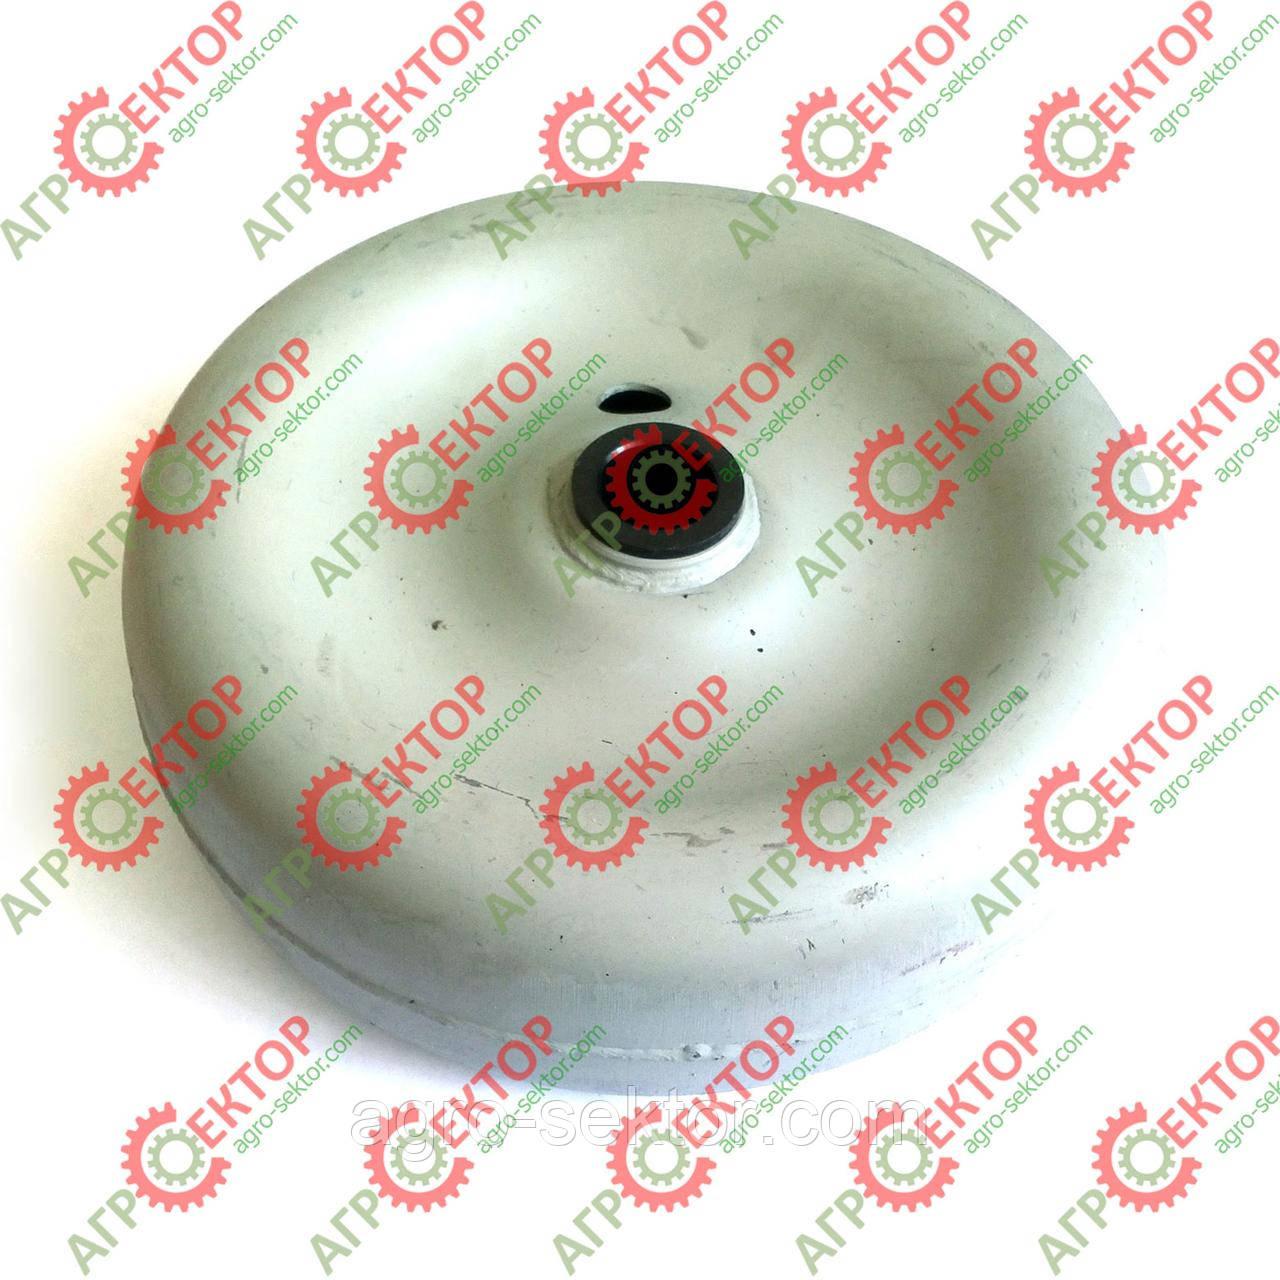 Колесо опорне підбирача на прес-підбирач Sipma Z-224 1322-160-730.10 аналог